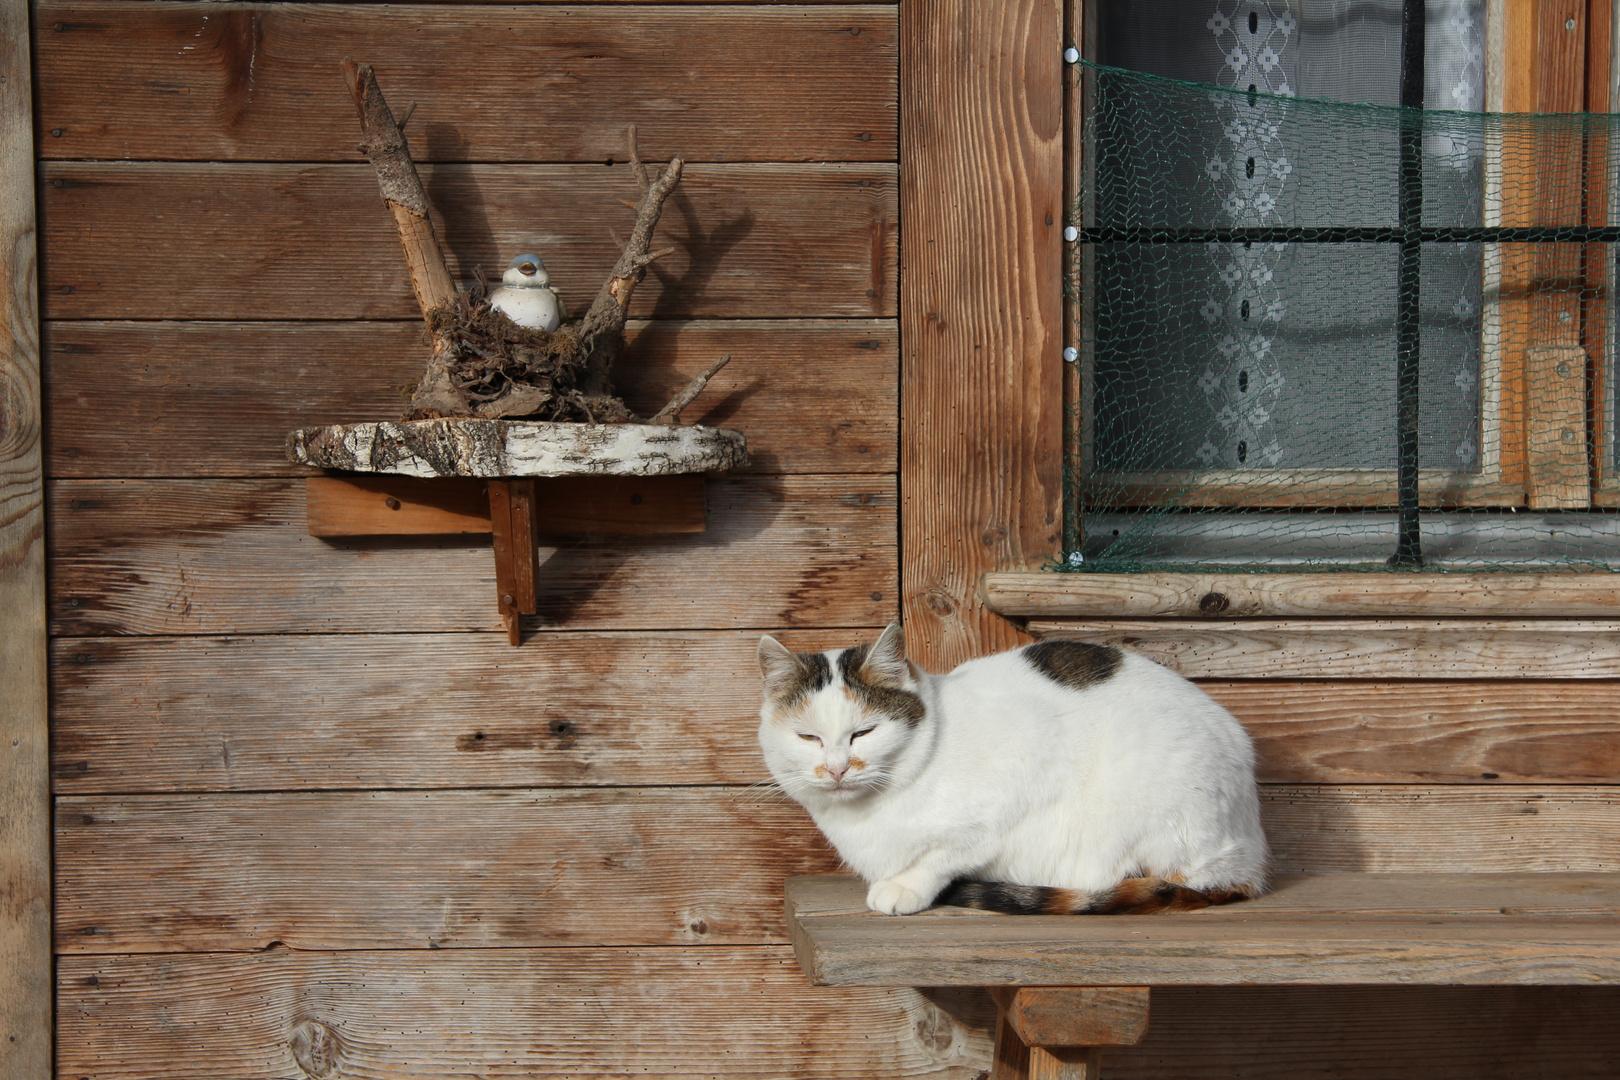 Katze auf Bank